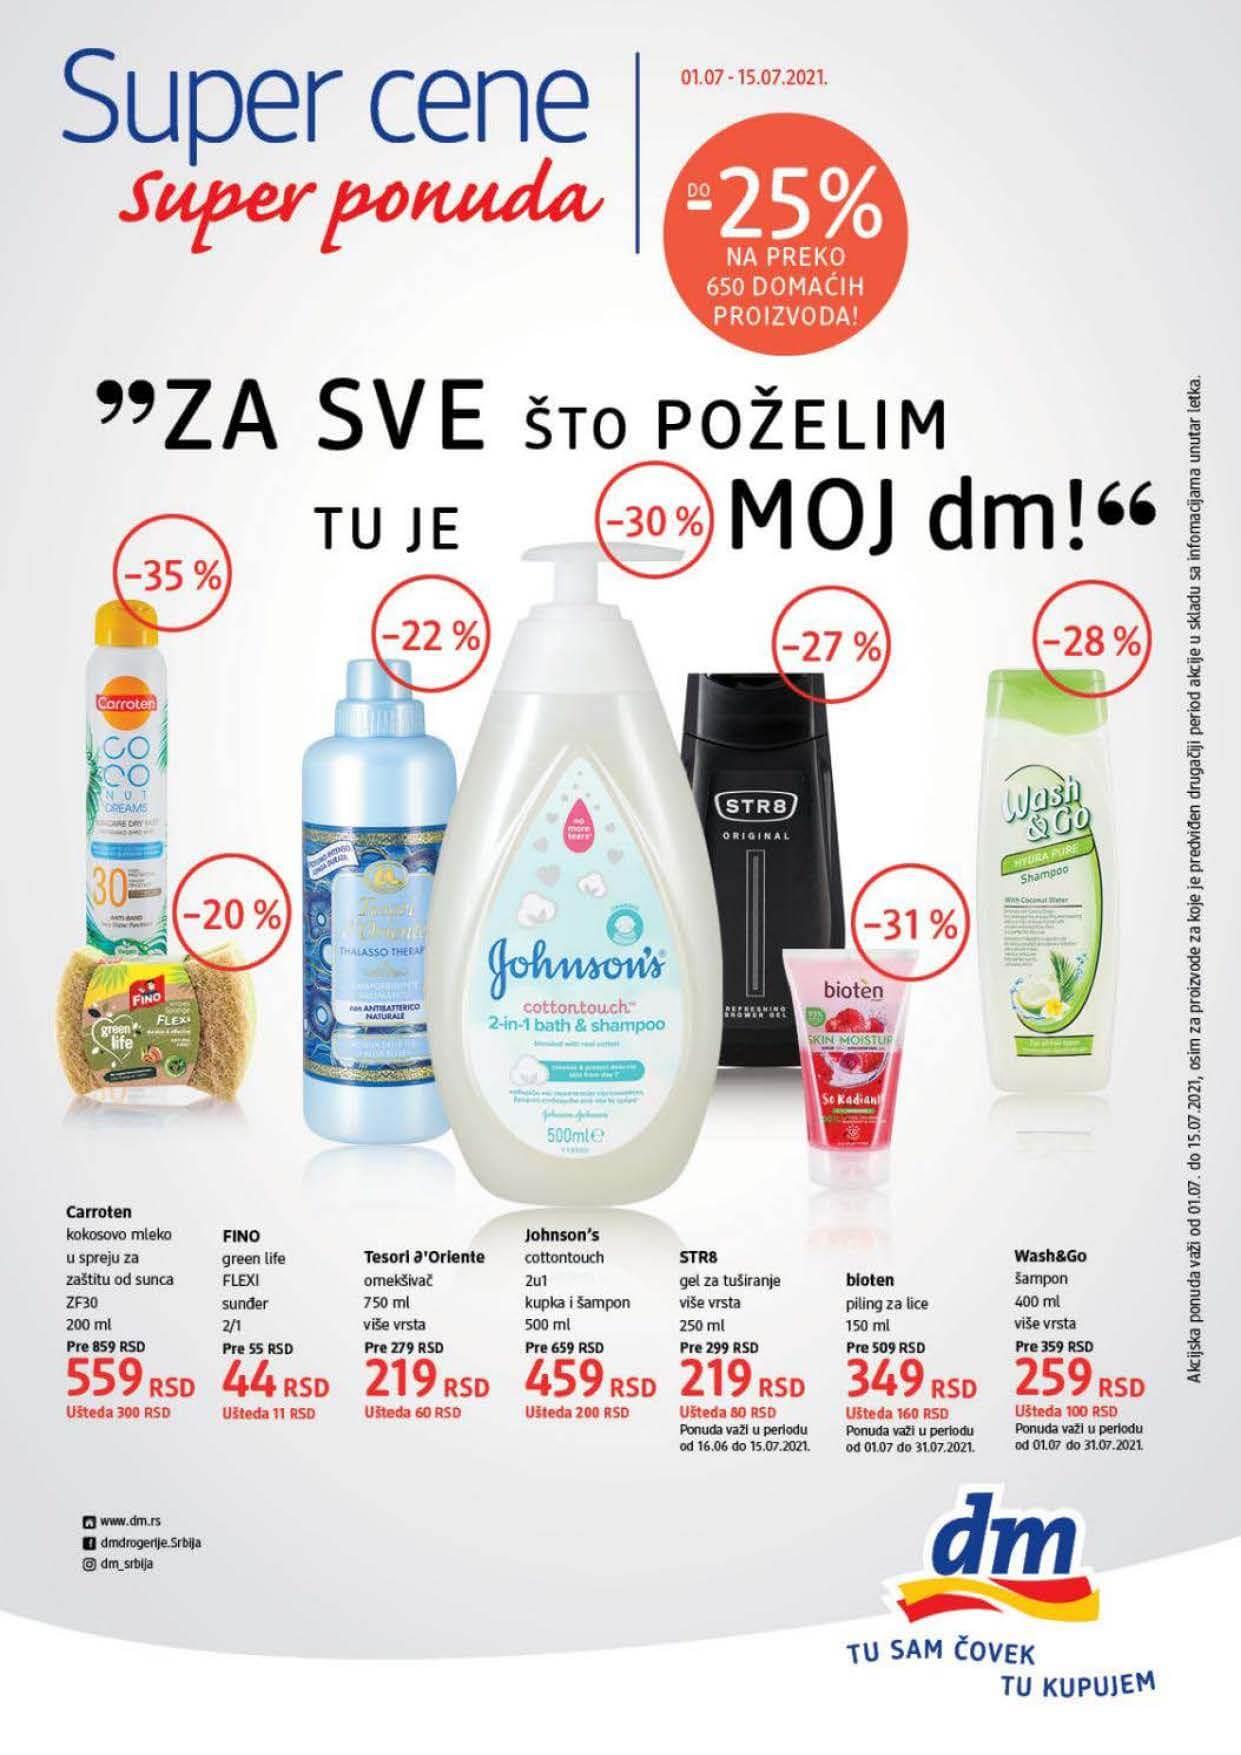 DM Katalog Srbija Super cene Super Ponuda JUL 2021 01.07. 15.07.2021. Page 1 1